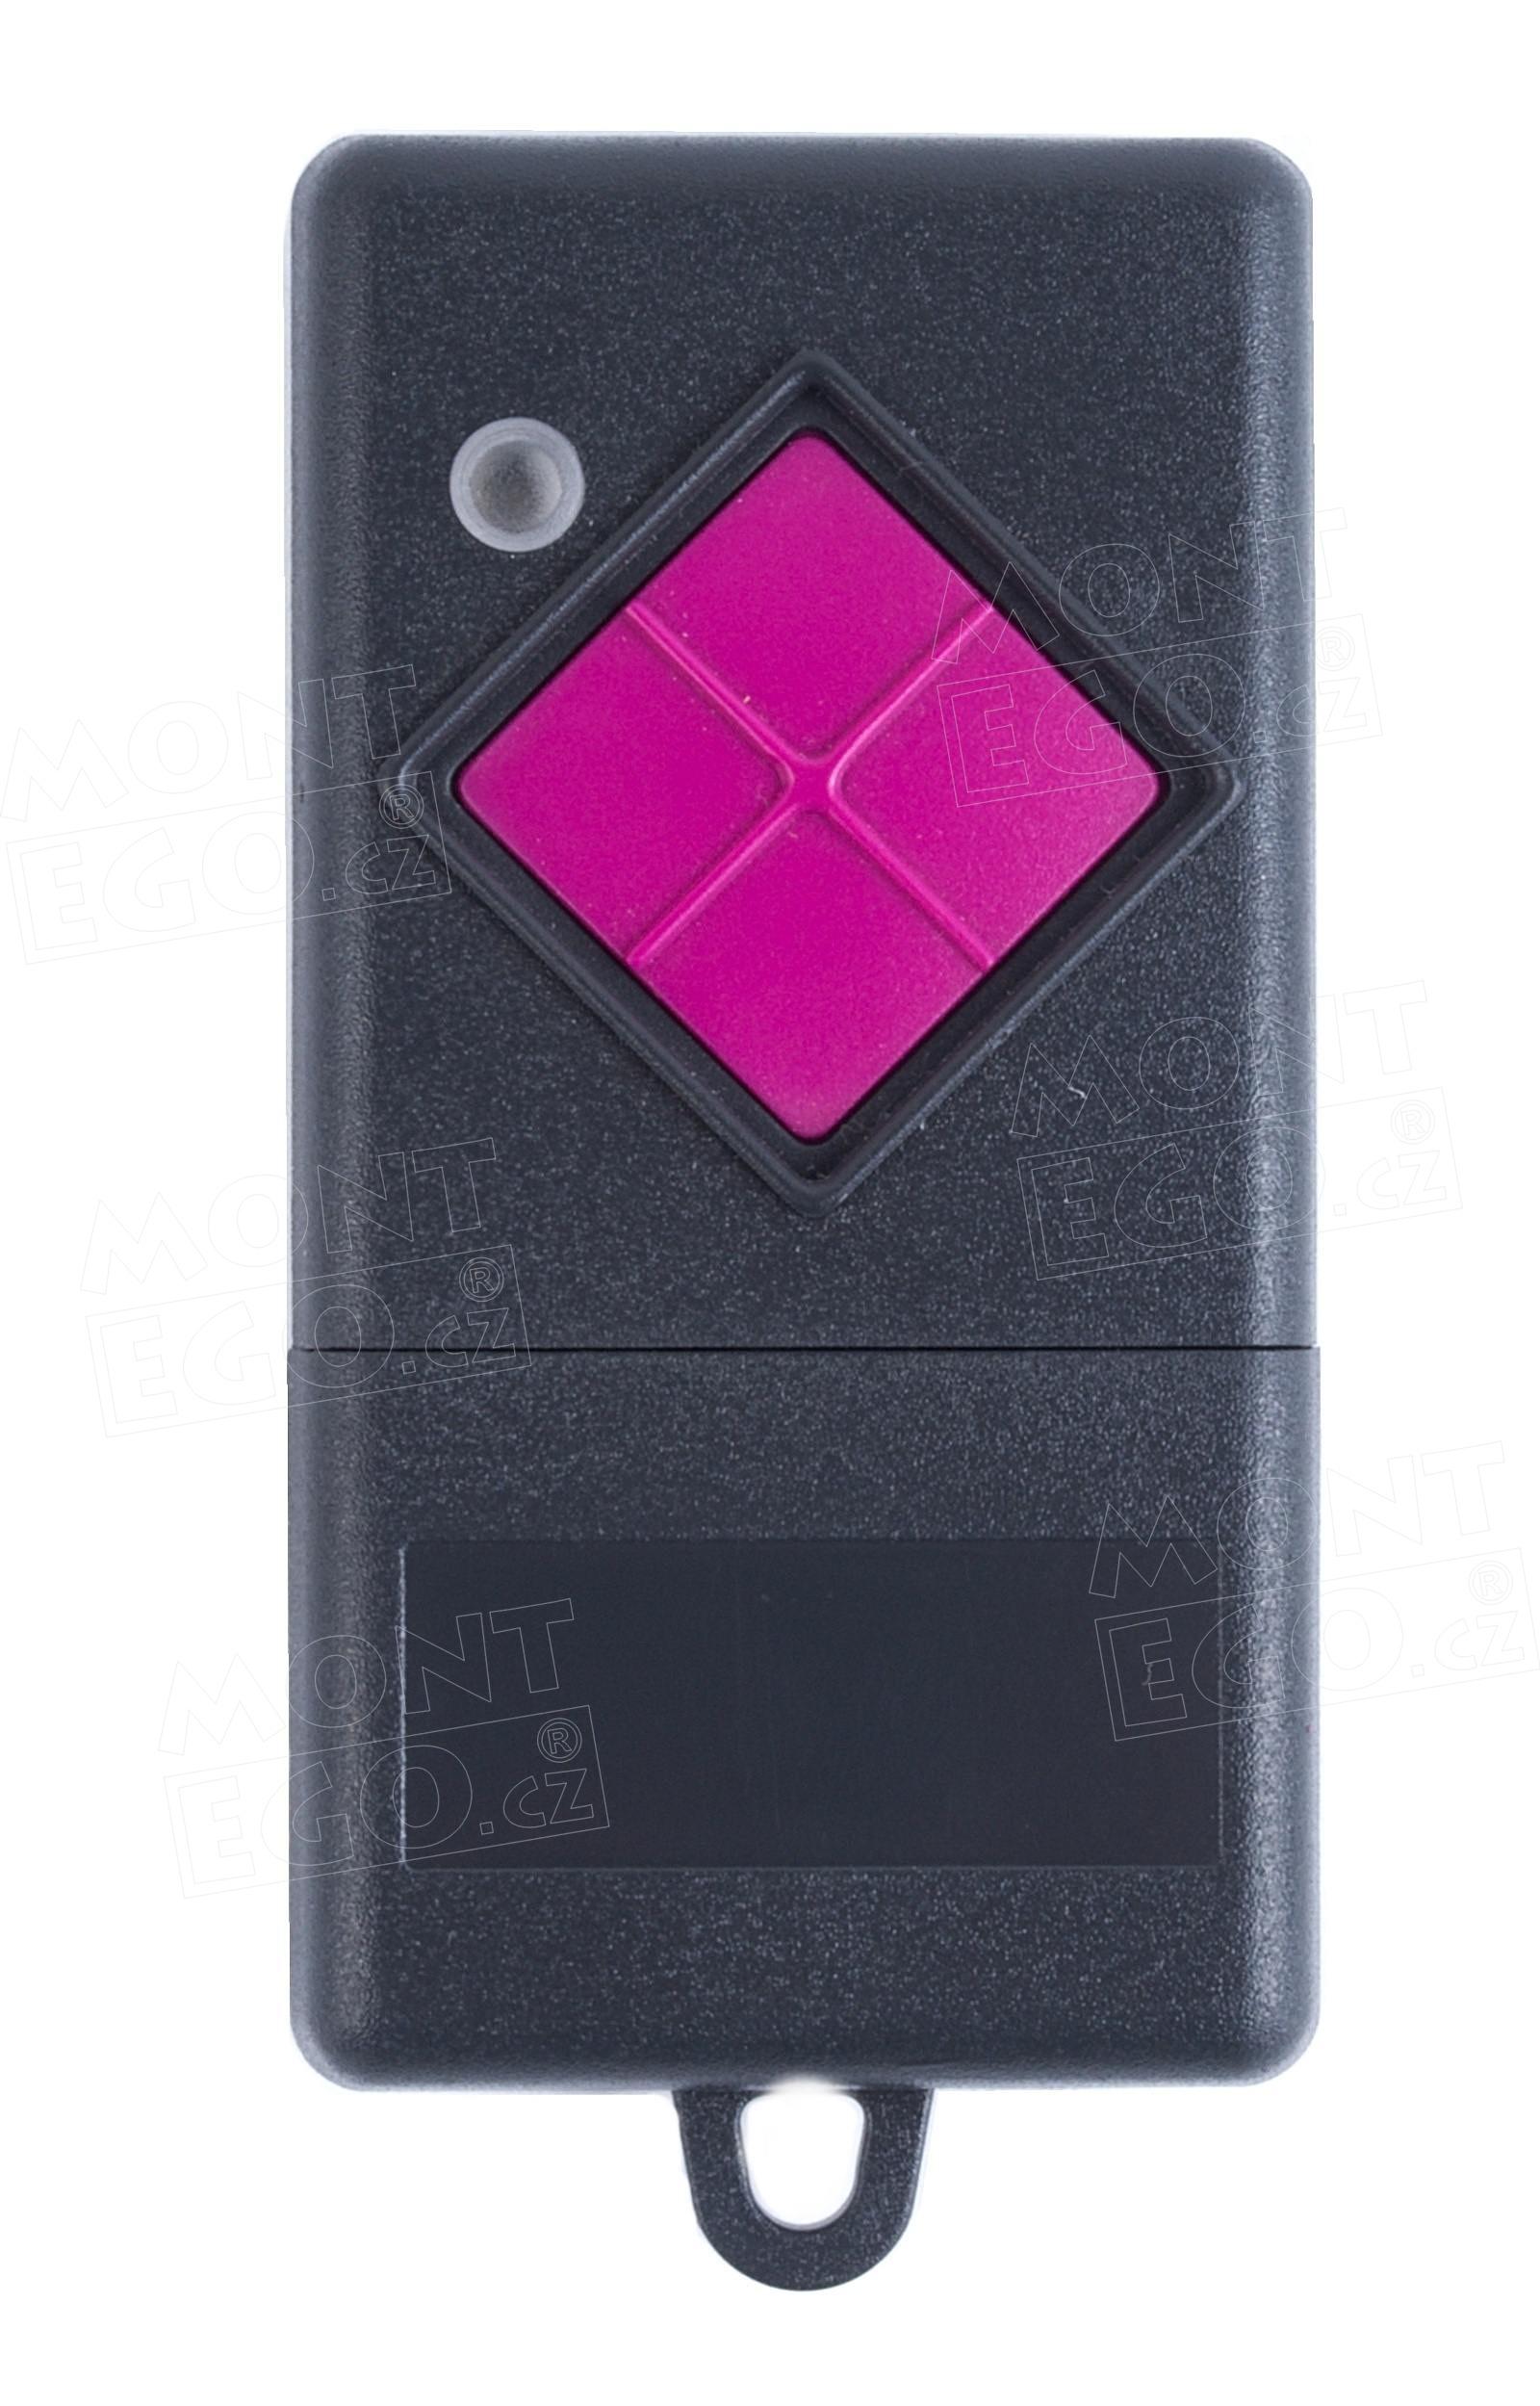 Dálkový ovládač Dickert MAHS433-01, 1 kanálový ovládač vrat